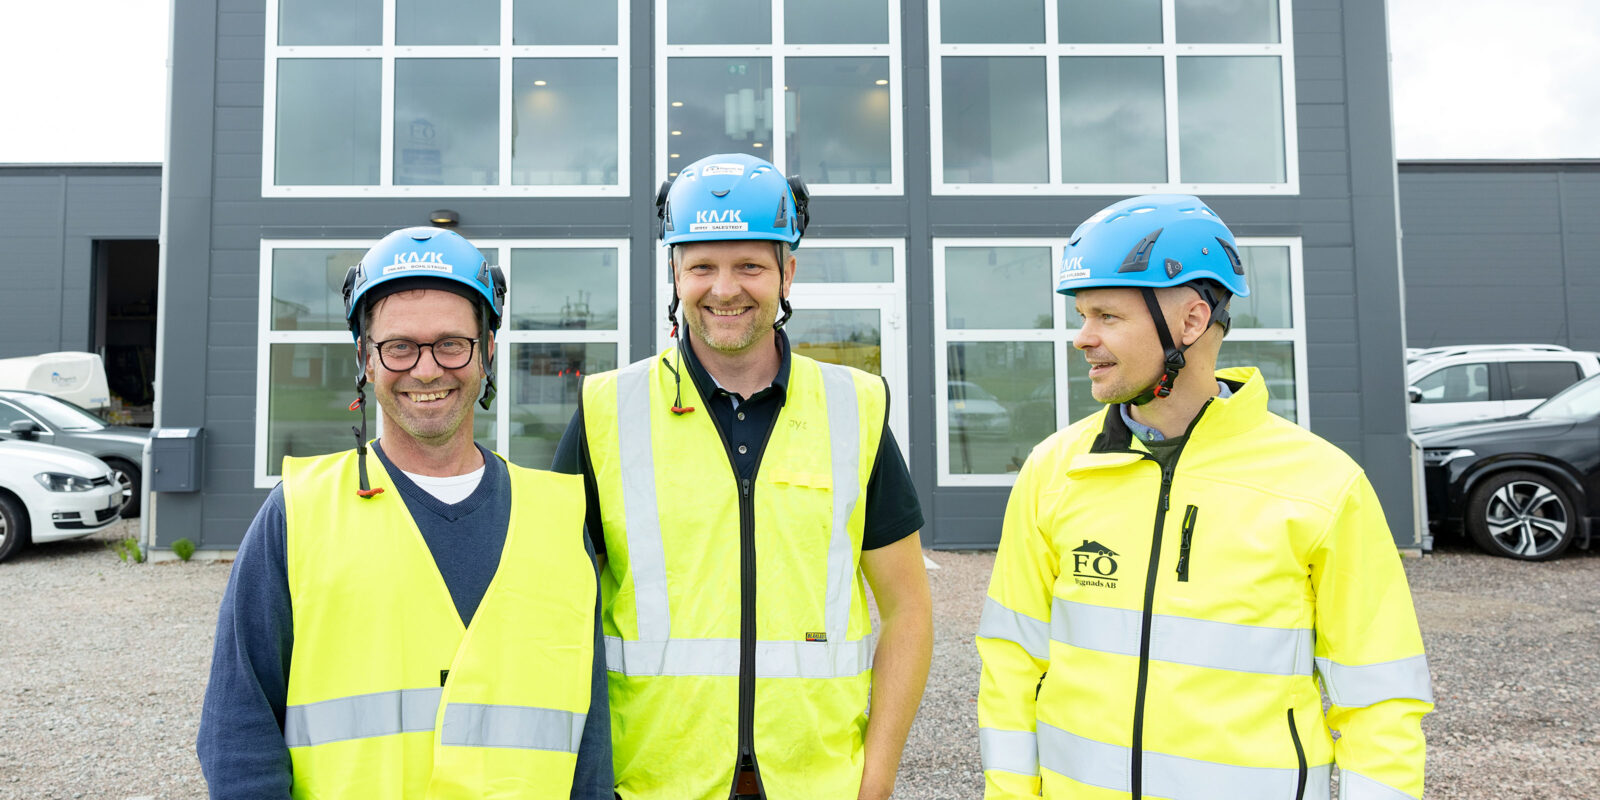 FÖ Bygg medarbetare fasad till kontor